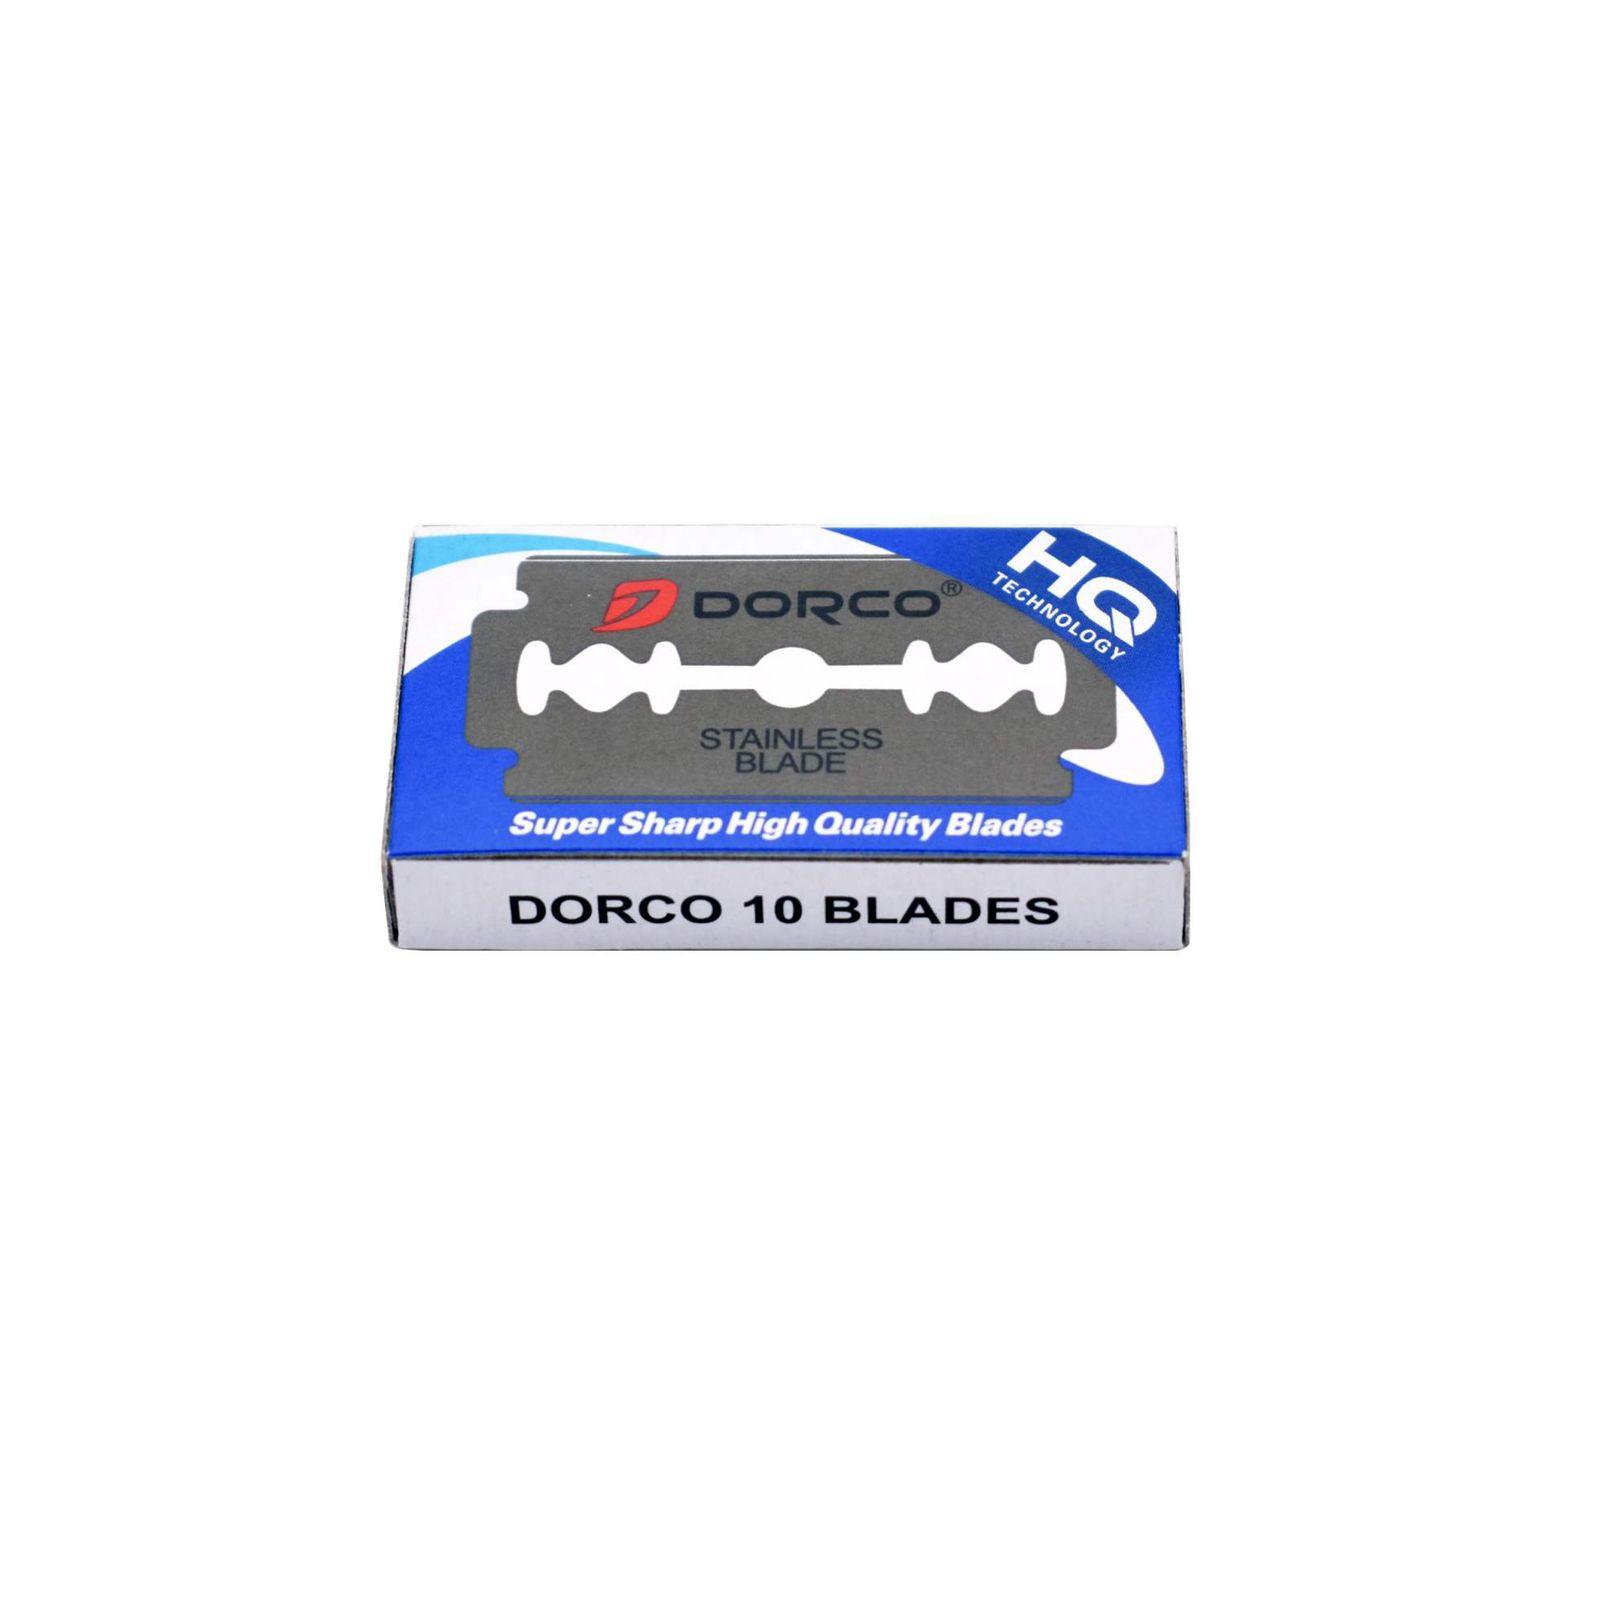 تیغ یدک دورکو مدل HQ-10 بسته 10 عددی -  - 2